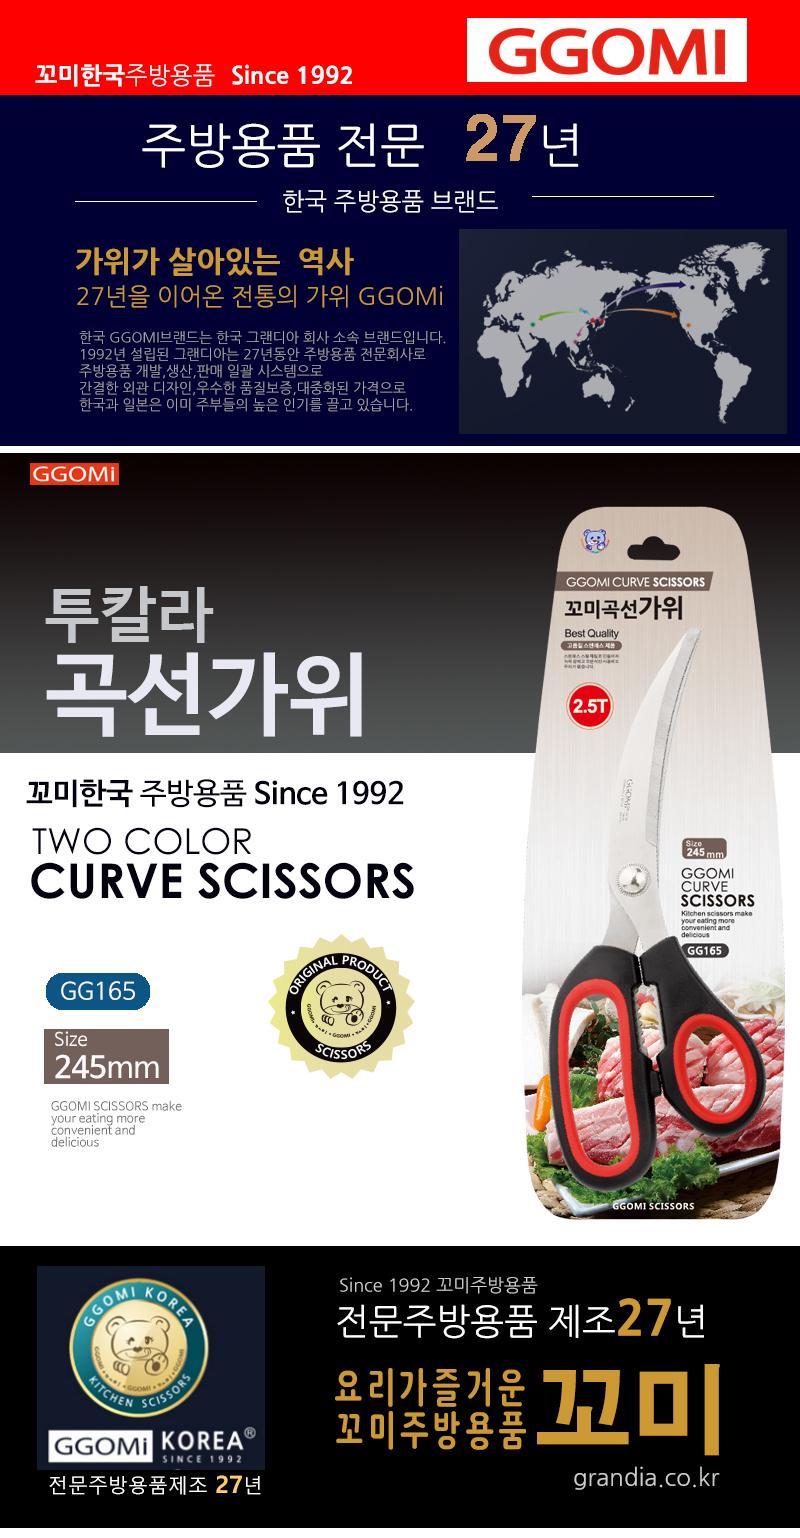 [GGOMi KOREA] Kéo sử dụng trong nhà bếp Hàn Quốc - Đồ gia dụng nhà bếp - GG165 Kéo đường cong